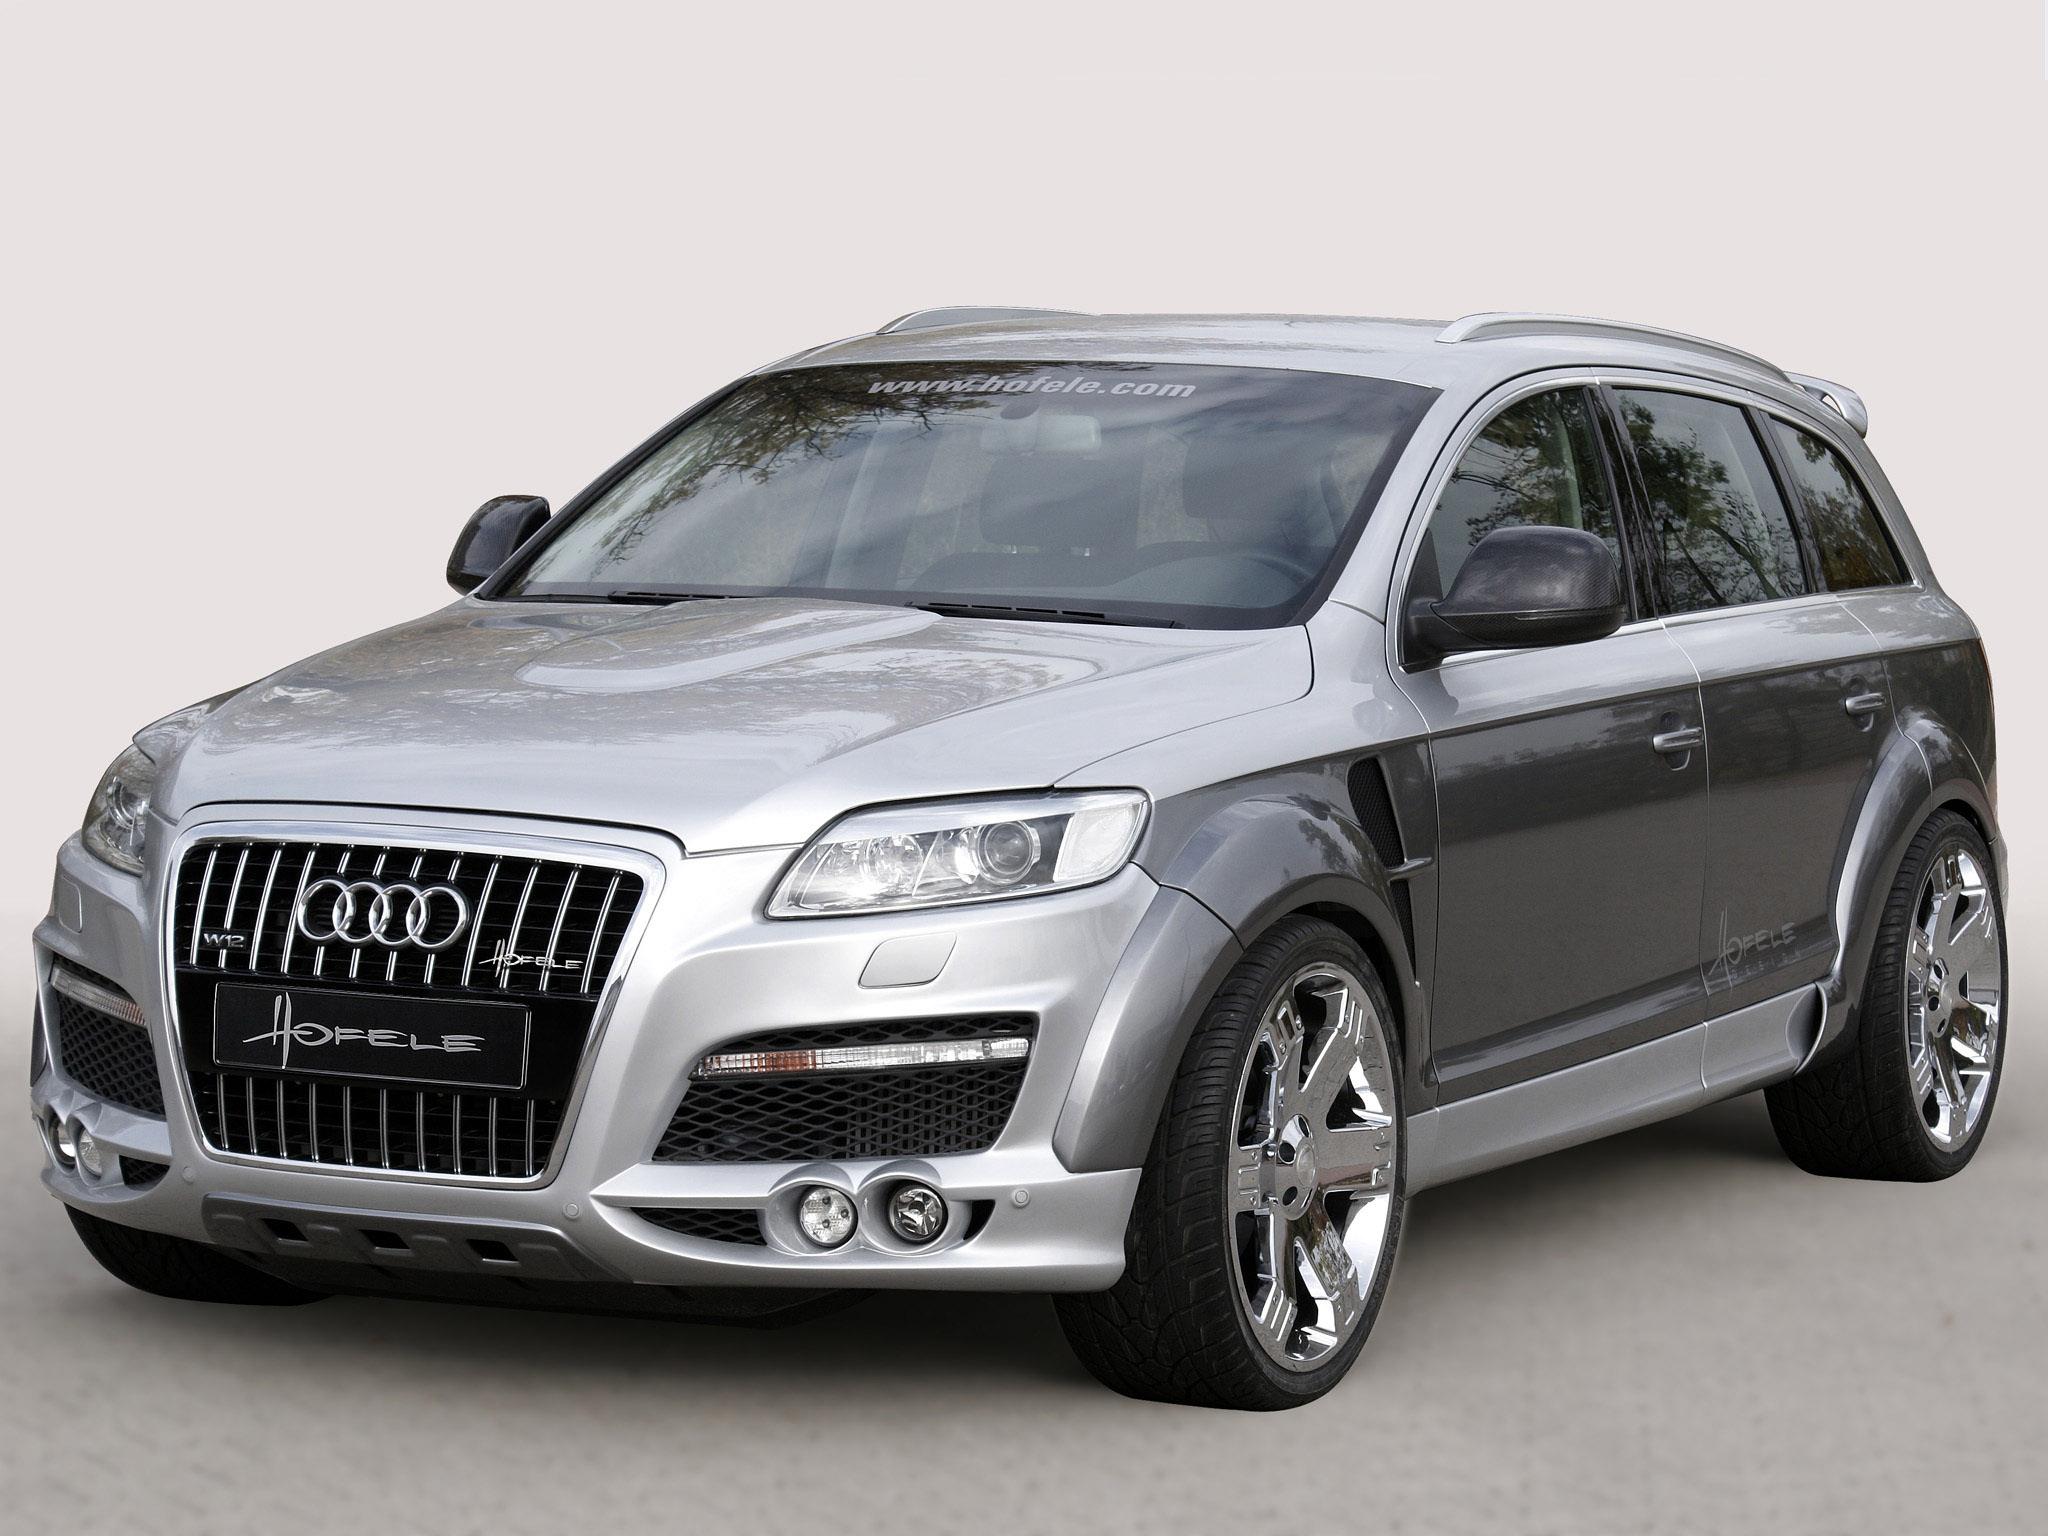 2008 Audi Q7 Image 13